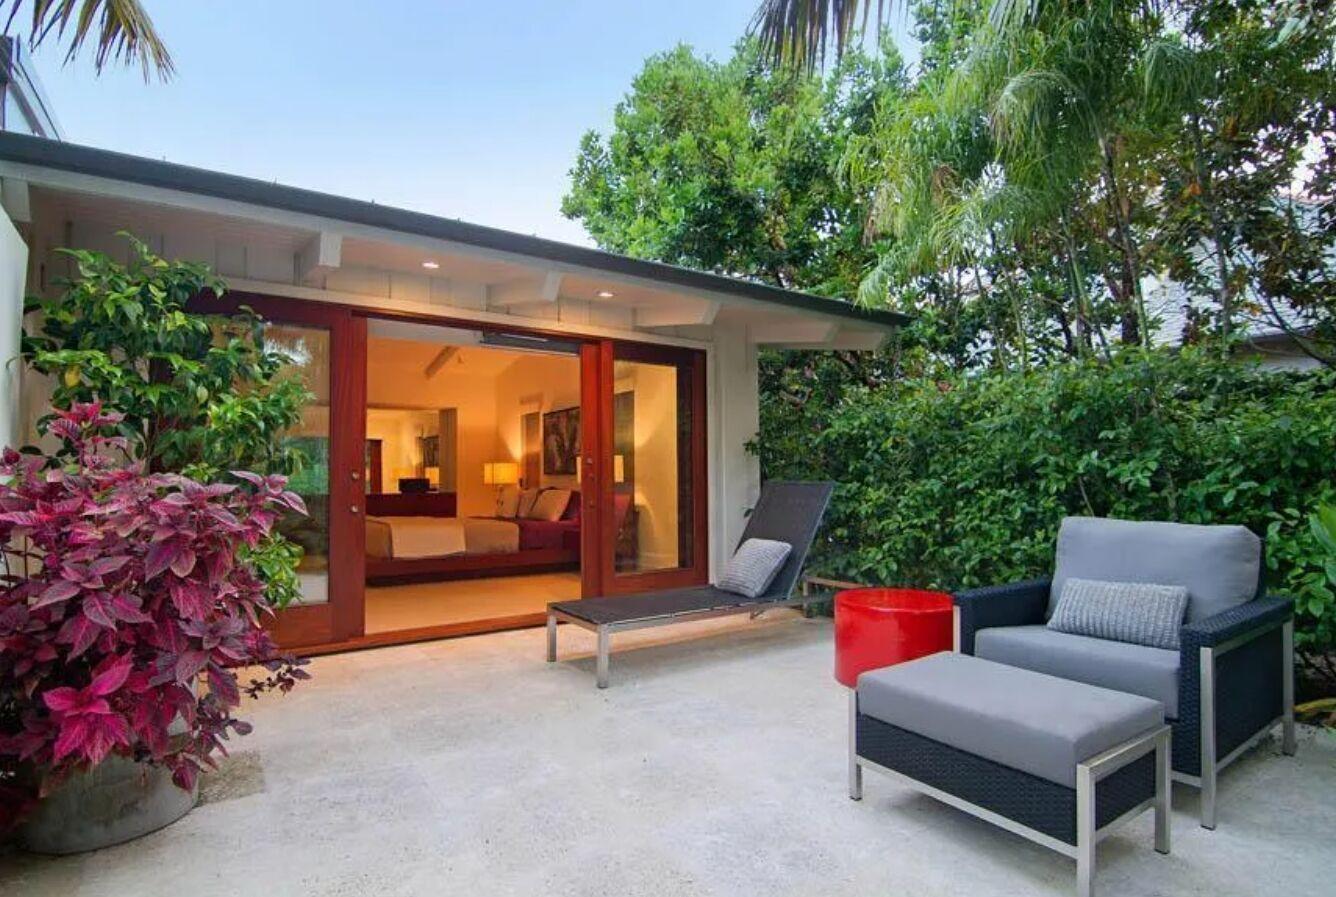 Популярна американська телеведуча придбала невеликий особняк за 2,9 мільйона доларів в Санта-Барбарі